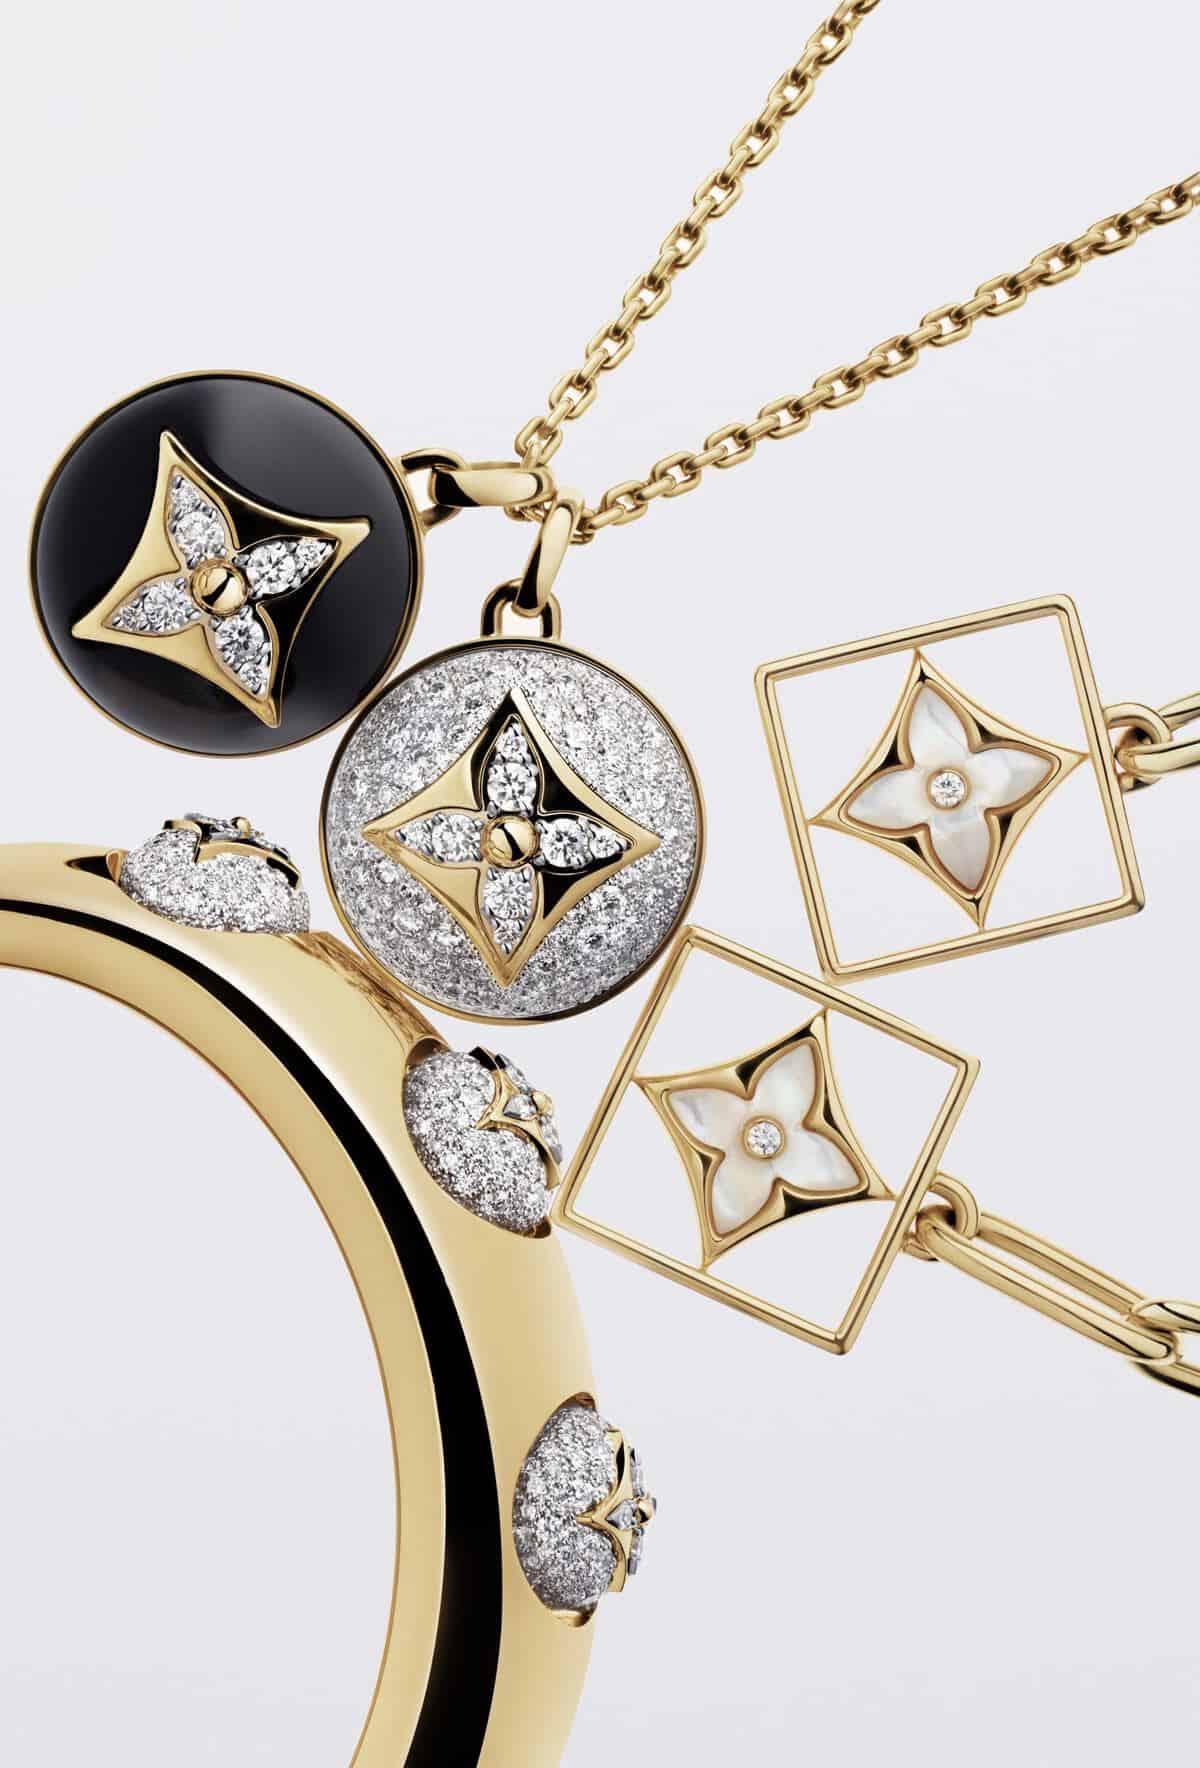 Louis Vuitton B.Blossom 1